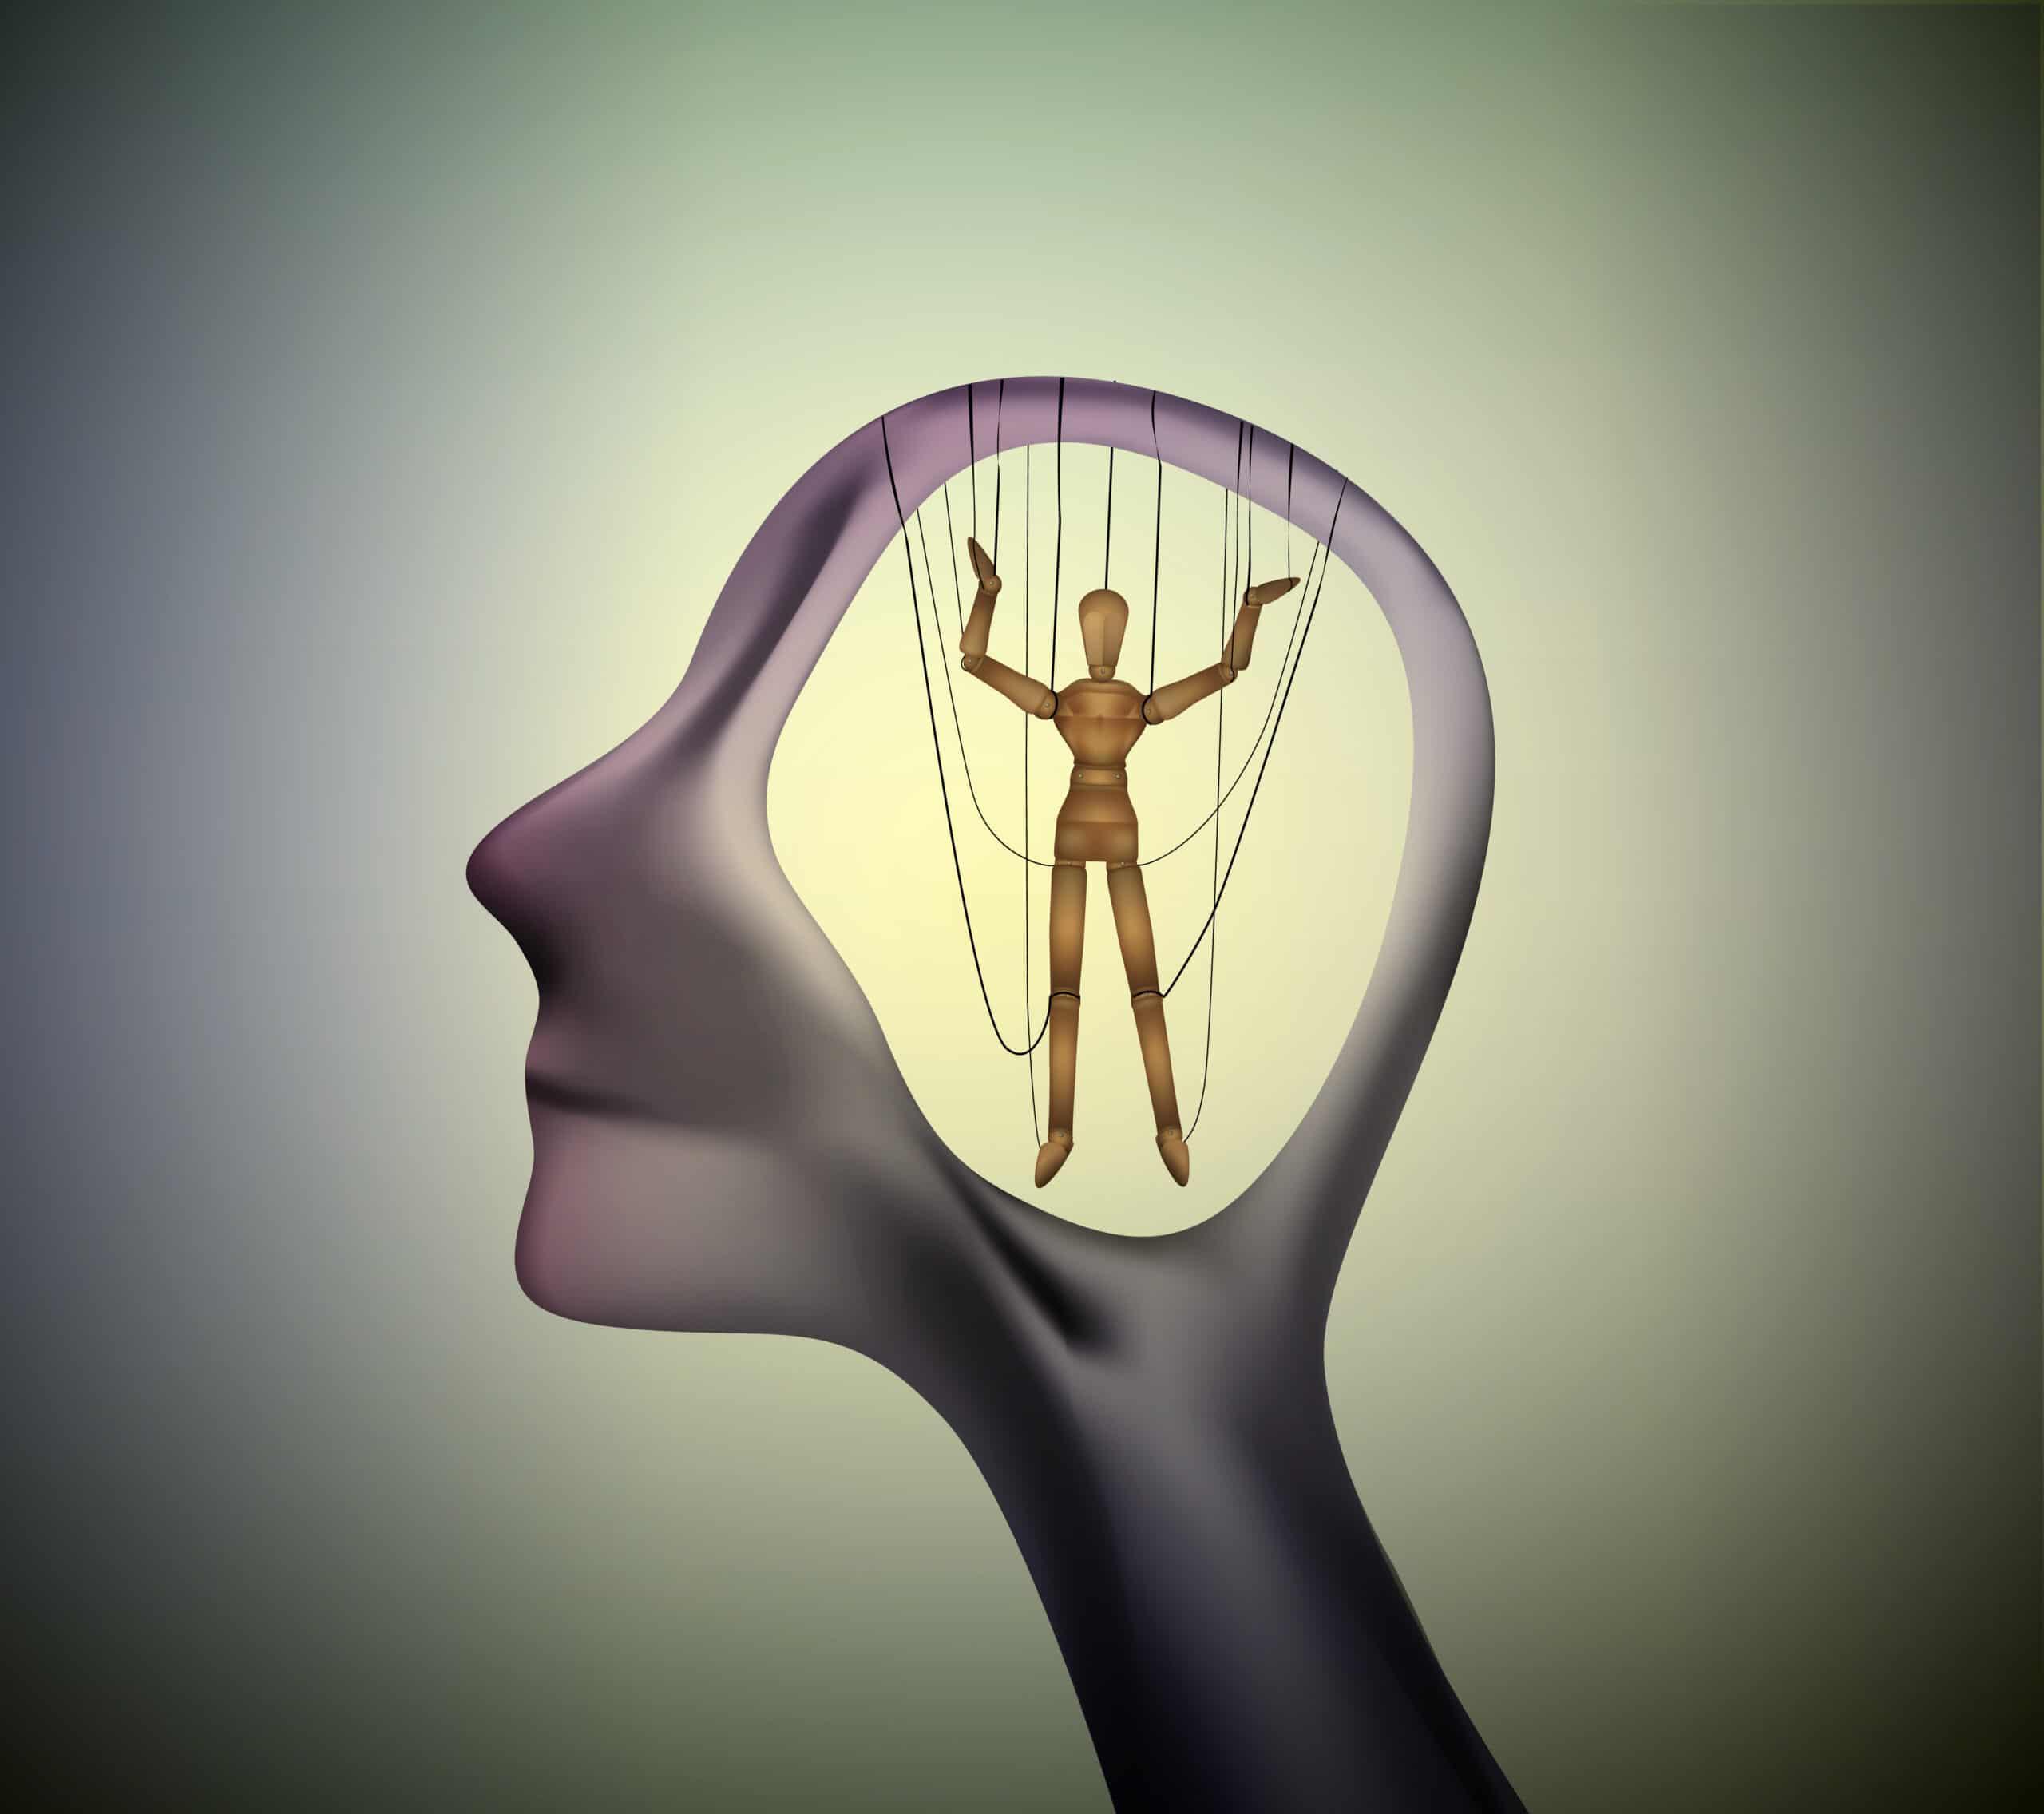 Il y a-t-il une personnalité perverse narcissique derrière chaque manipulation ou parole toxique ? Volet II